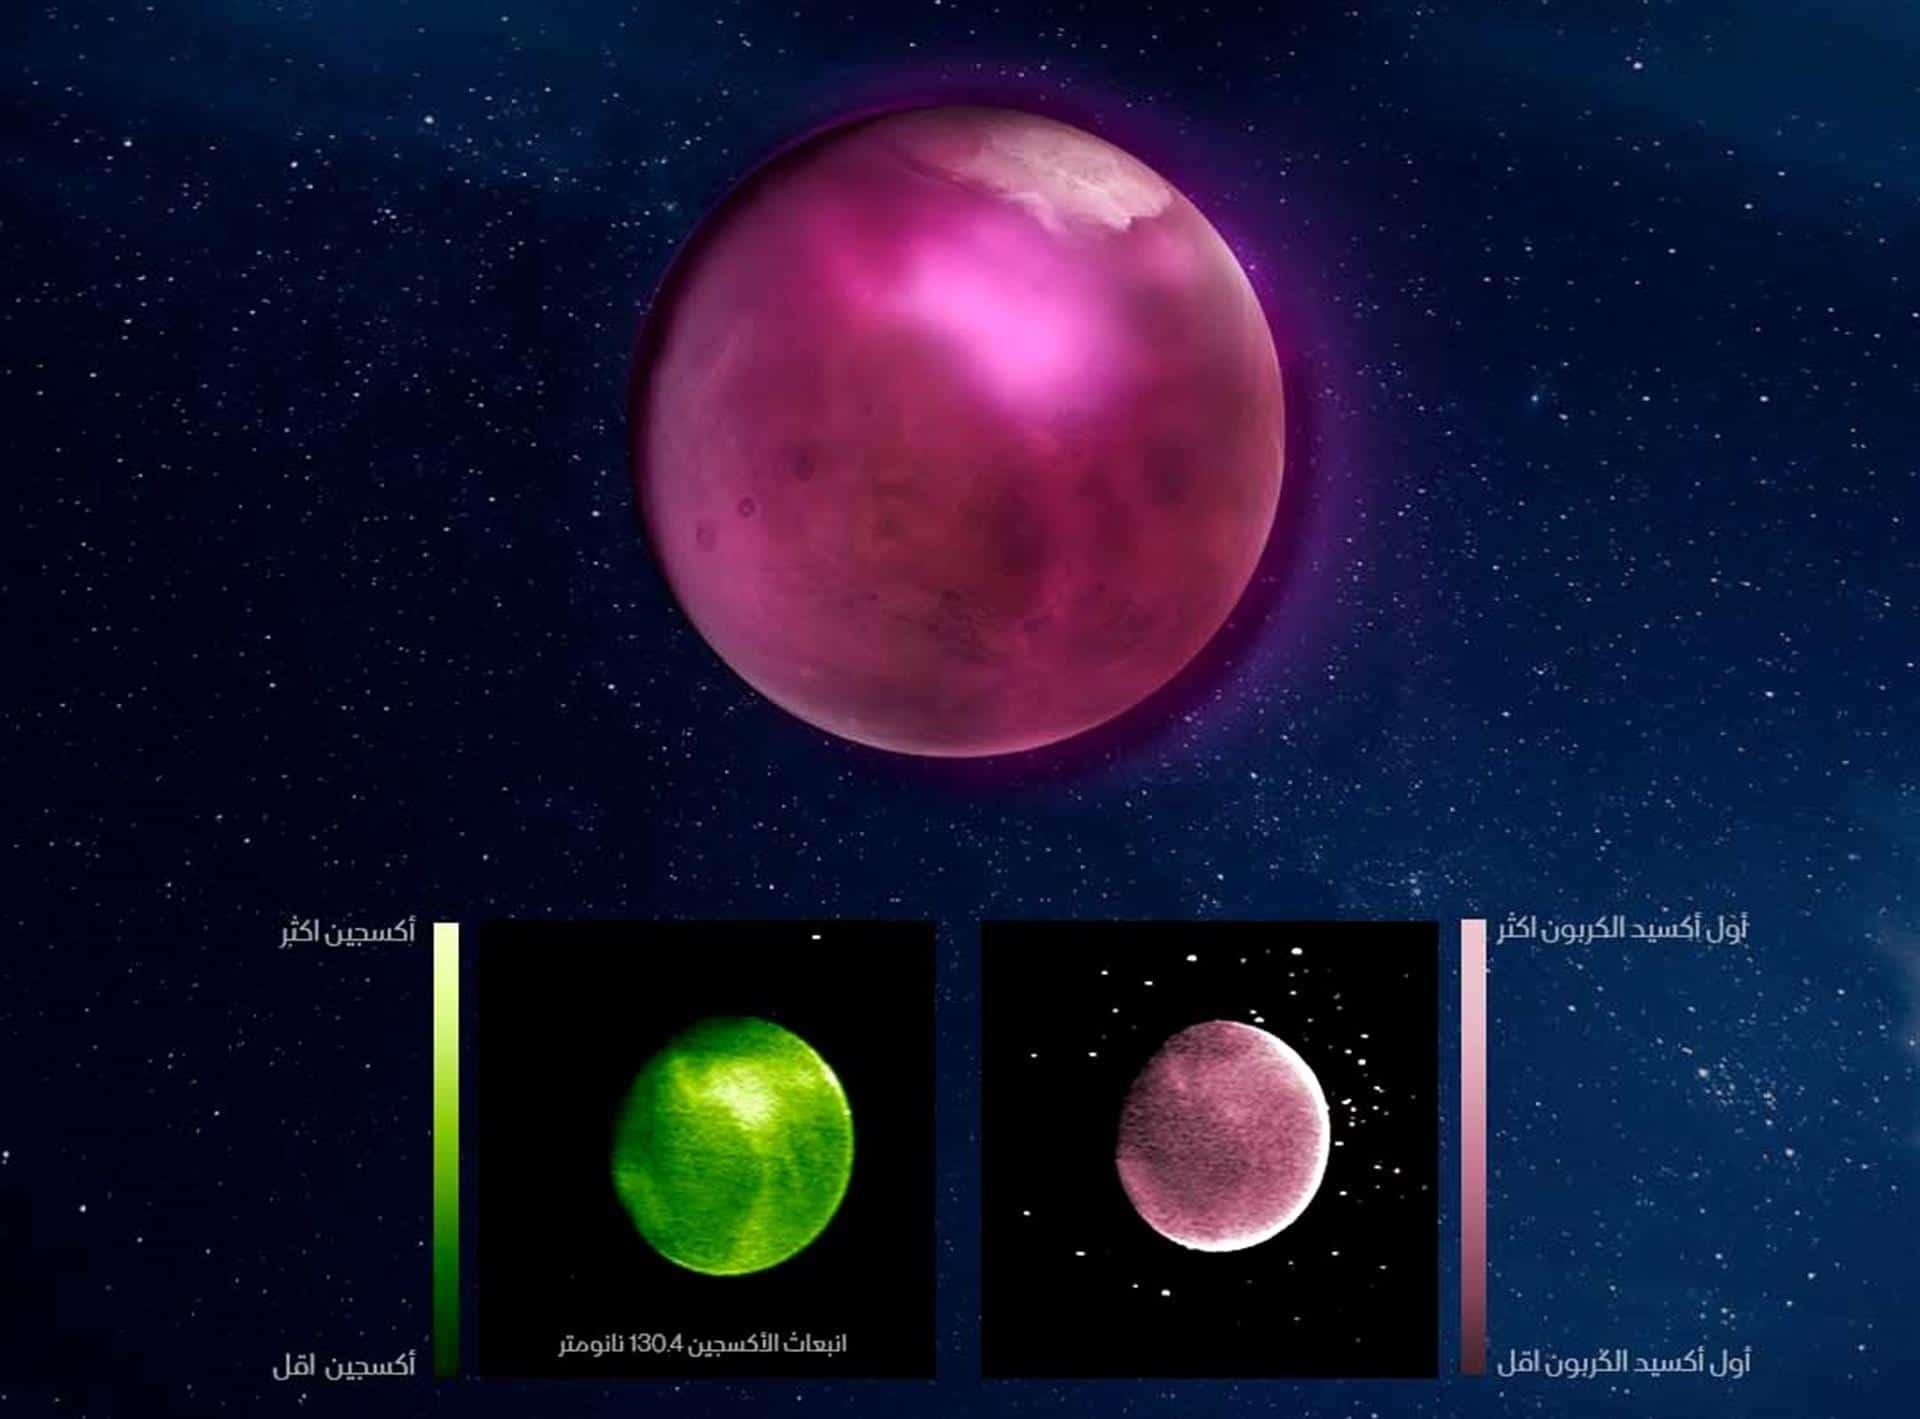 Οι εικόνες αποκαλύπτουν υψηλές συγκεντρώσεις οξυγόνου στην ατμόσφαιρα του Άρη